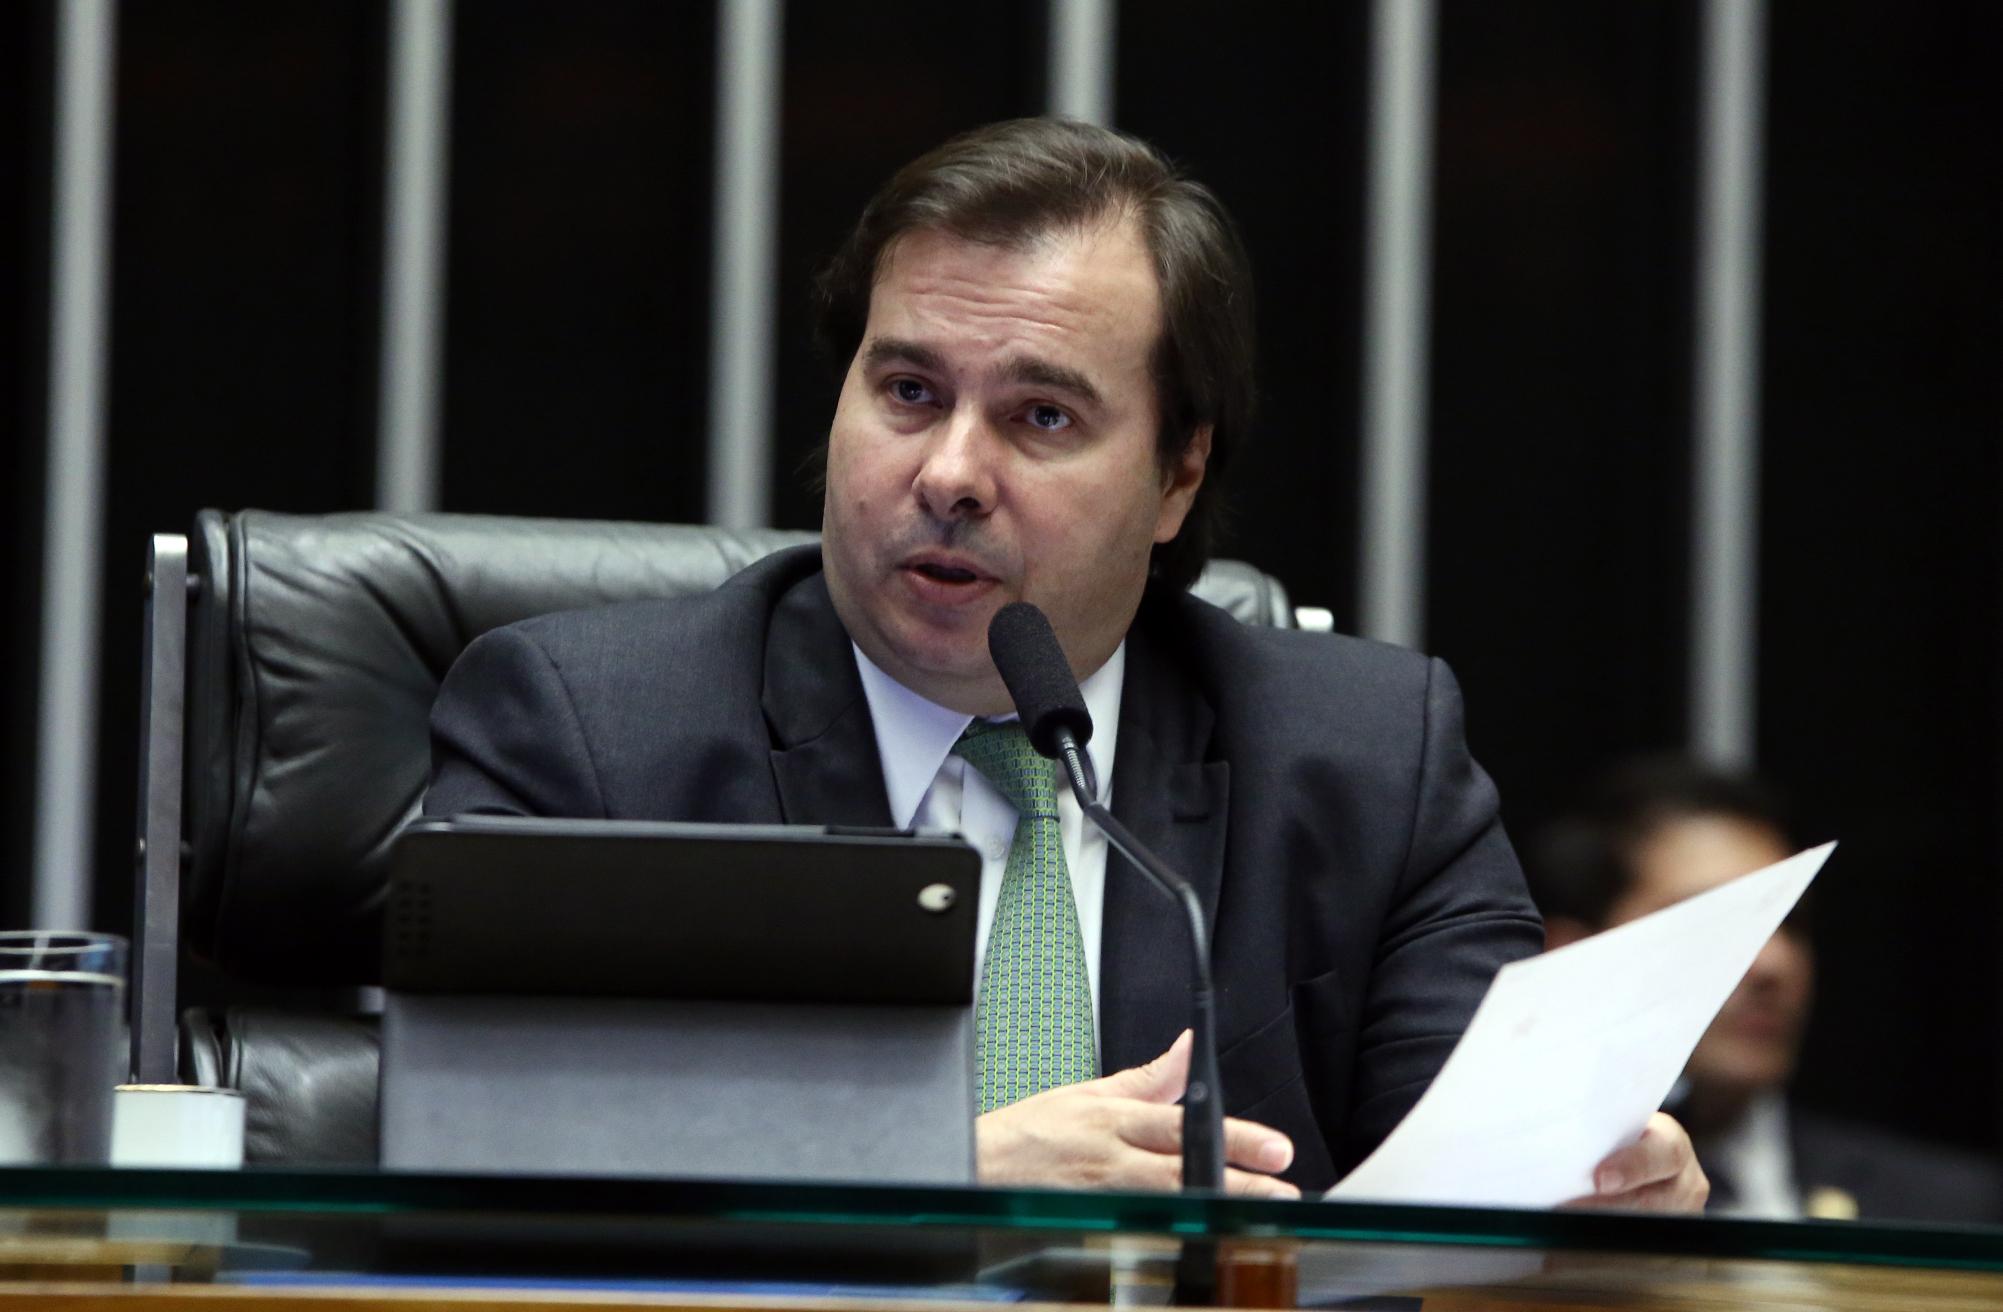 Sessão extraordinária da Câmara dos Deputados para discussão e votação de diversos projetos. Presidente da Câmara, dep. Rodrigo Maia (DEM-RJ)